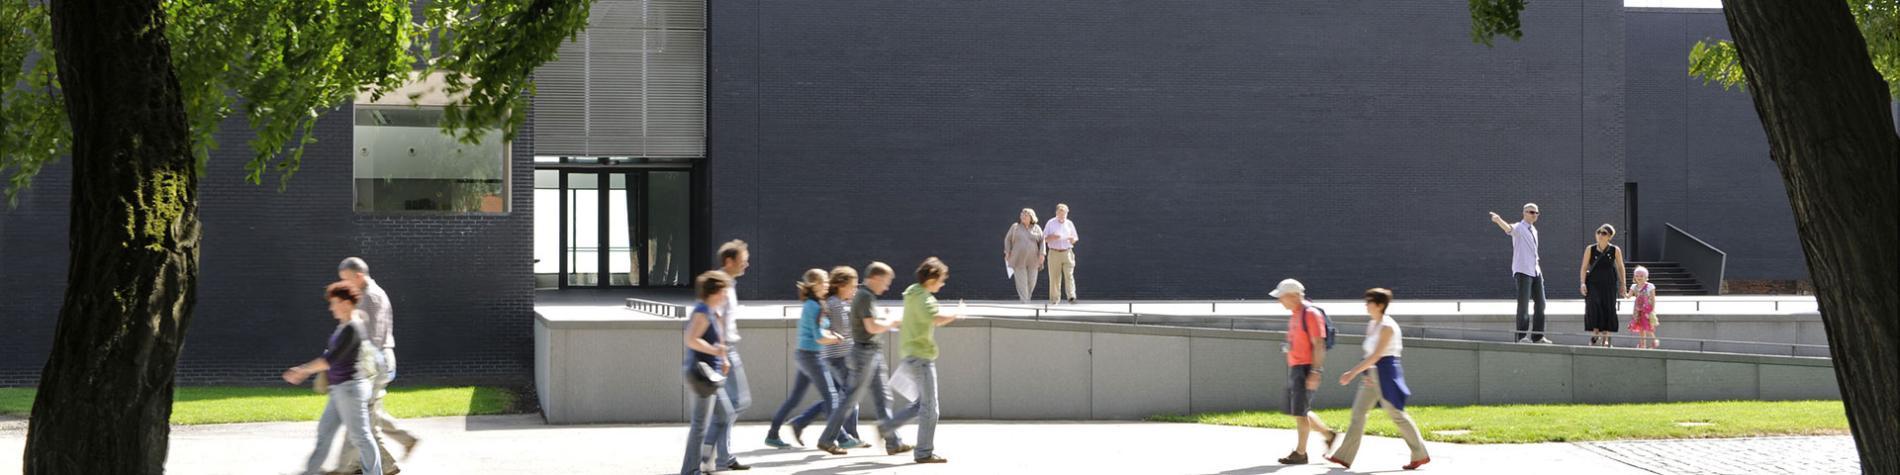 MACS - Musée - Arts contemporains - Fédération Wallonie Bruxelles - parc